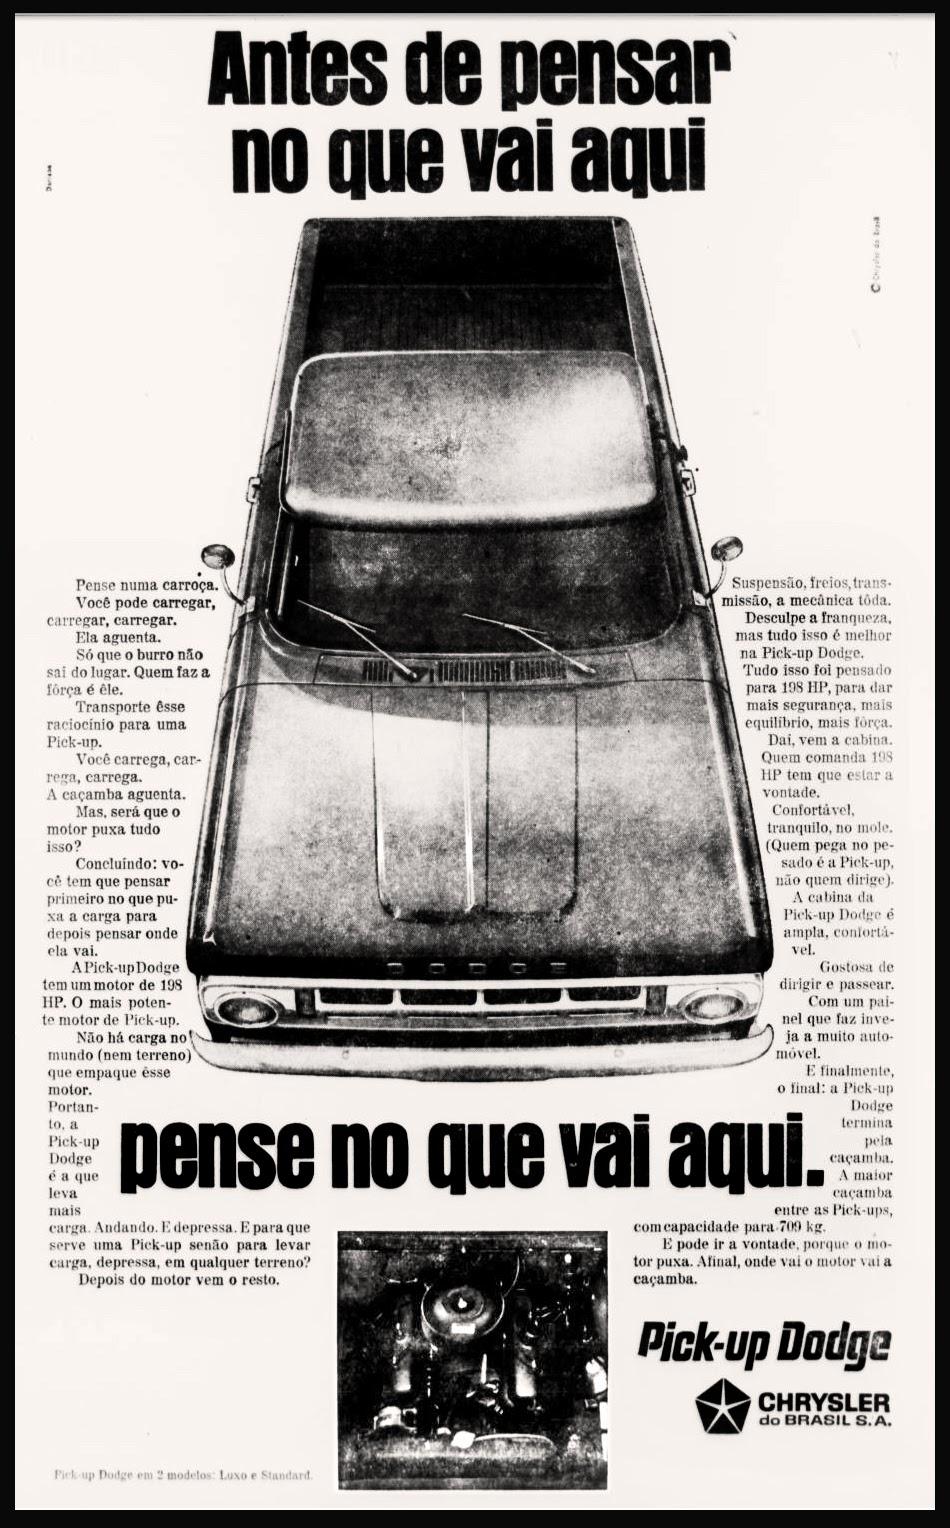 anos 70; propaganda década de 70; história dos anos 70; brazilian advertising cars in the 70's